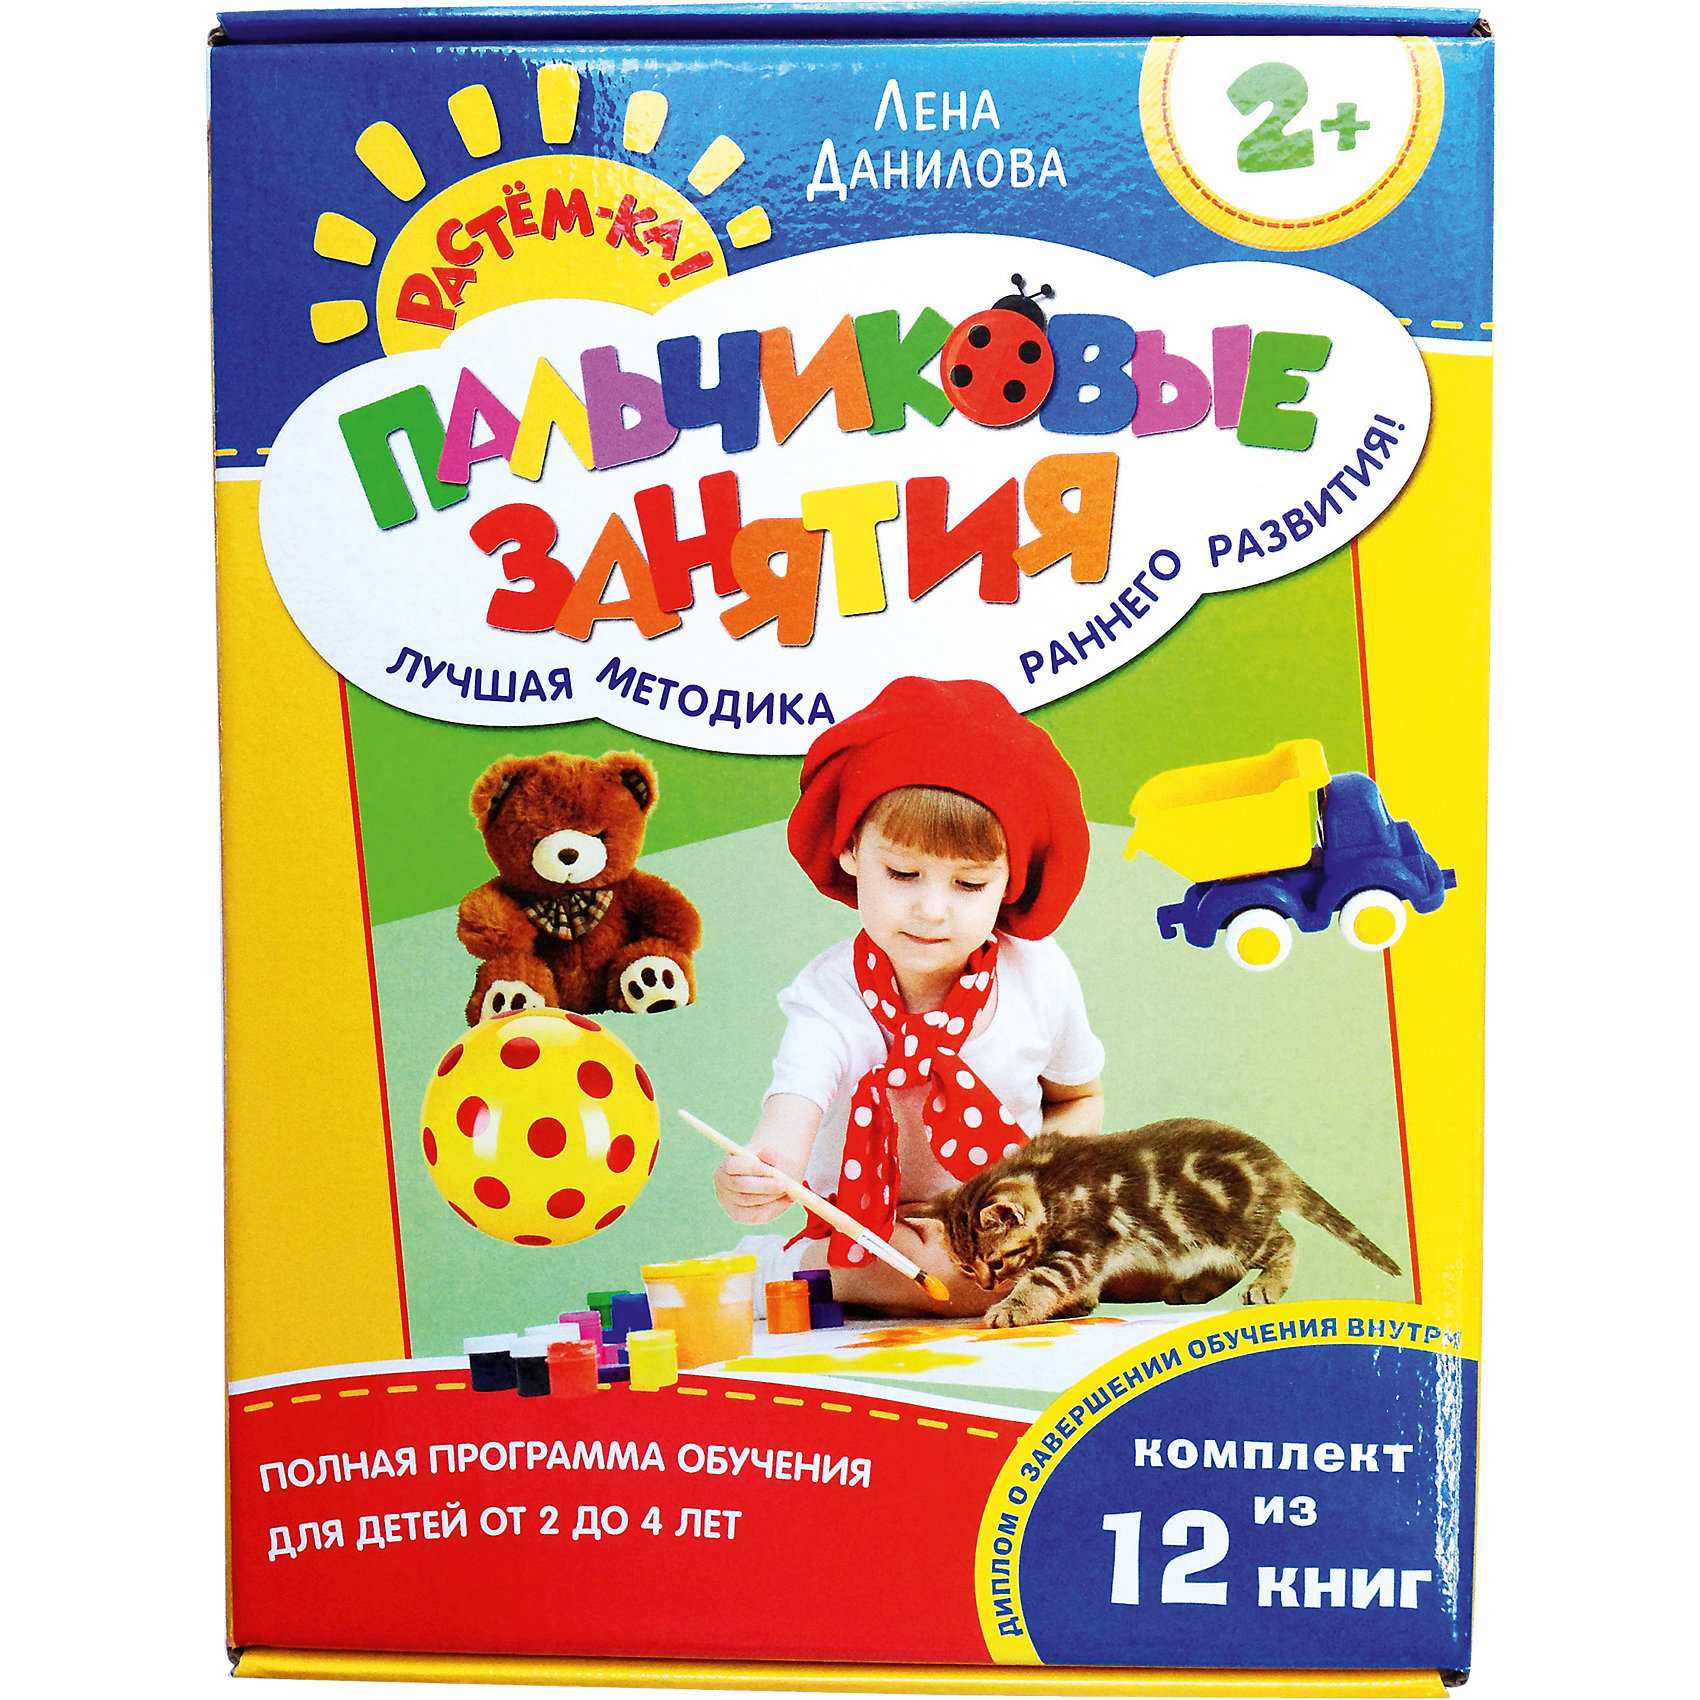 Комплект Пальчиковые занятия из 12 книг   (2+)Раскраски по номерам<br>Комплект из 12 брошюр Пальчиковые занятия - красочное пособие с уникальной и эффективной методикой раннего развития. Каждая брошюра посвящена определенной теме, понятной и интересной малышу: Любимые игрушки, Утро, день, вечер, ночь, Часть и целое, Что умеют наши пальчики, Я учусь считать, Важные профессии, Времена года, Мы едем в деревню, Мой город, Явления природы, Кто что строит, Цвета и формы. Занятия проводятся в легкой веселой форме, задания, увлекательные игры и смешные движения будут интересны малышу и не дадут ему заскучать. Через игру с пальчиками, через простые подражательные движения ребенок быстро вовлекается в развивающую игру. Система построена таким образом, что с книгами можно работать в произвольном порядке, а занятия могут проводить даже совершенно неподготовленные родители. Игровой макет книг разработан с учетом психологических и физиологических особенностей детей. Регулярные занятия по данному пособию будут способствовать всестороннему гармоничному развитию малыша. <br><br>Дополнительная информация:<br><br>- Автор: Е. А. Данилова.<br>- Серия: Растем-ка!<br>- Переплет: мягкая обложка, футляр.<br>- Иллюстрации: цветные.<br>- Объем: 192 стр.<br>- Размер упаковки: 27 x 20,5 х 3,5 см.<br>- Вес: 1,16 кг.<br><br>Комплект Пальчиковые занятия из 12 книг (2+), Росмэн, можно купить в нашем интернет-магазине.<br><br>Ширина мм: 270<br>Глубина мм: 205<br>Высота мм: 35<br>Вес г: 1160<br>Возраст от месяцев: 24<br>Возраст до месяцев: 48<br>Пол: Унисекс<br>Возраст: Детский<br>SKU: 4244020